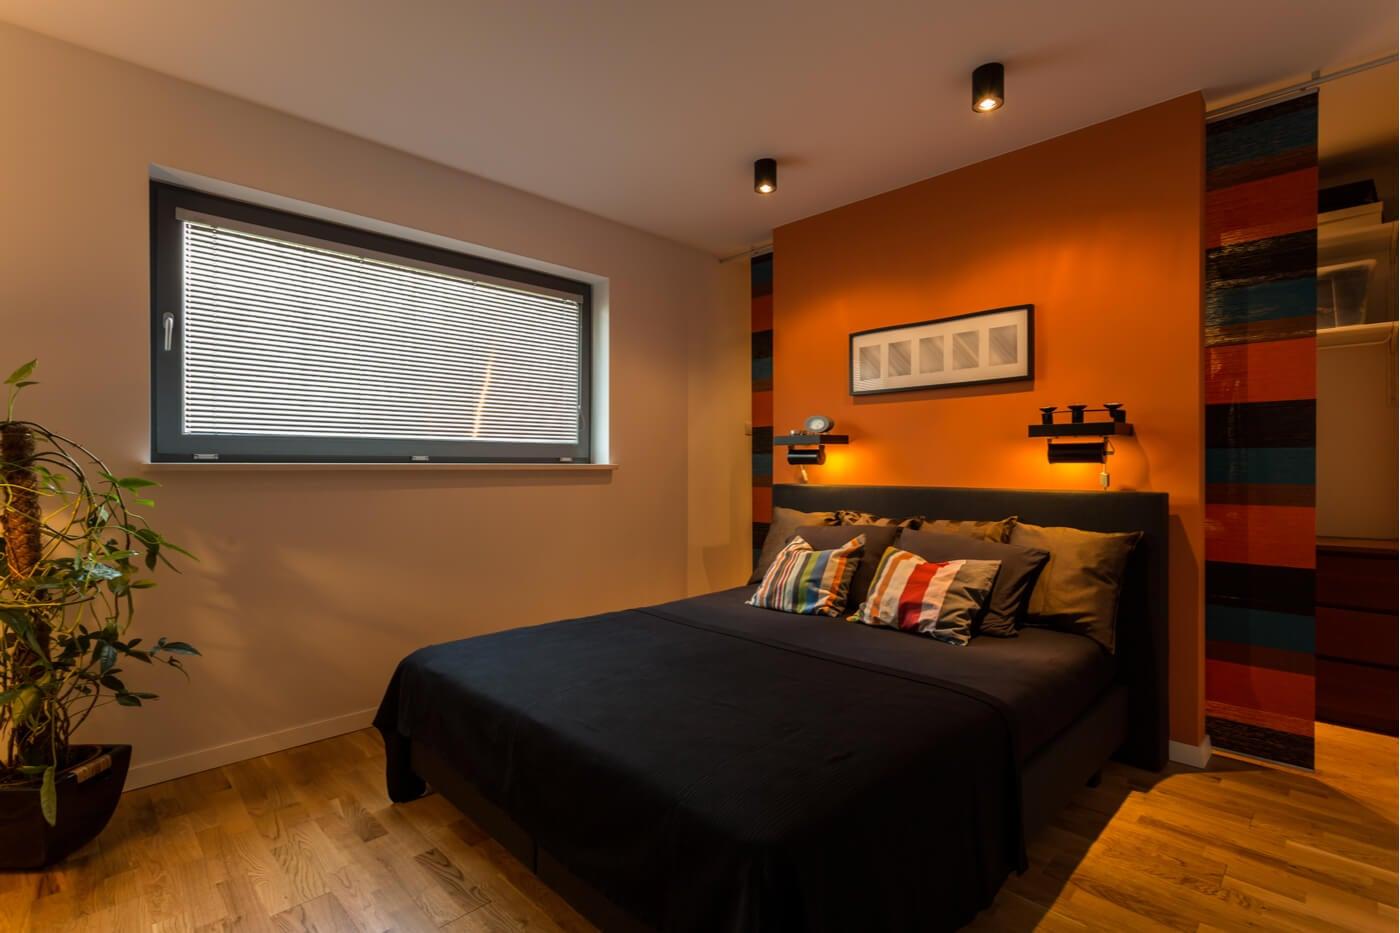 Dormitorio chico: decoración